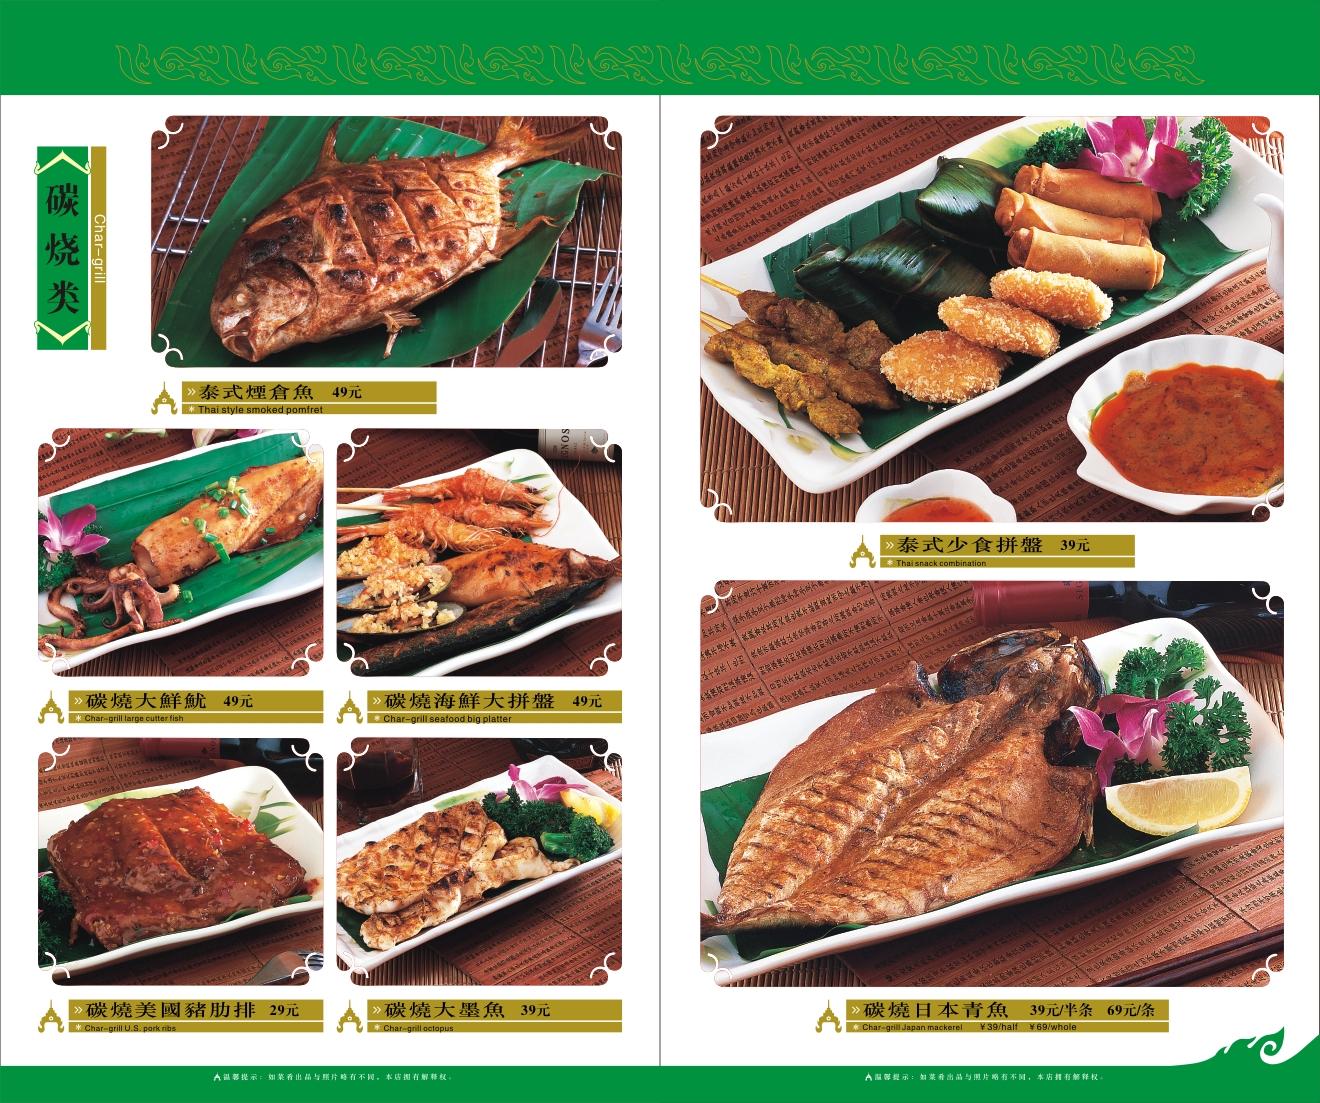 420号菜谱设计:菜谱册泰国菜